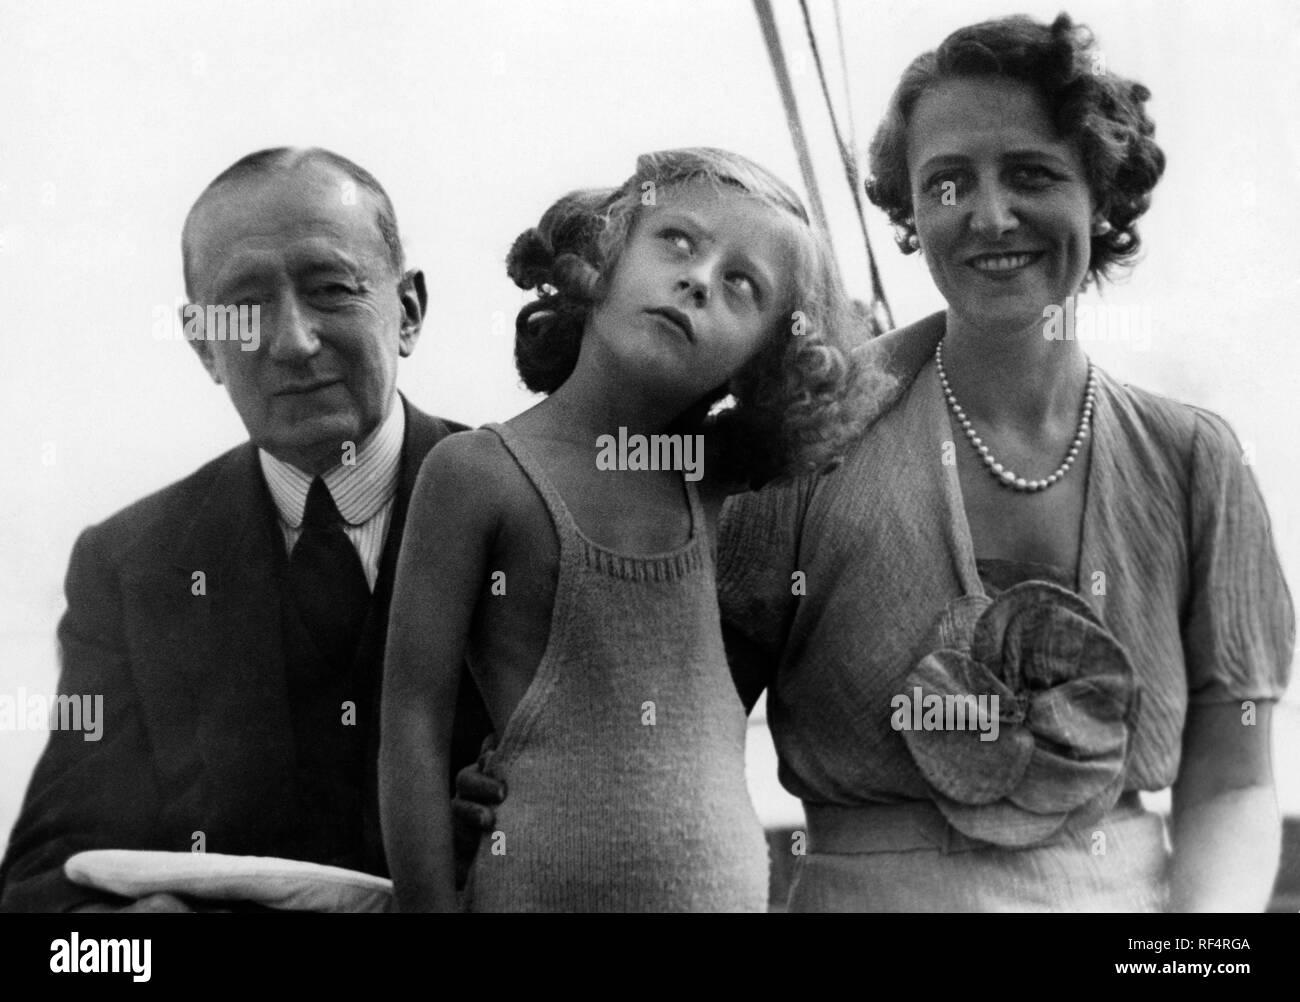 Elettra Marconi et de la famille, 1936 Banque D'Images